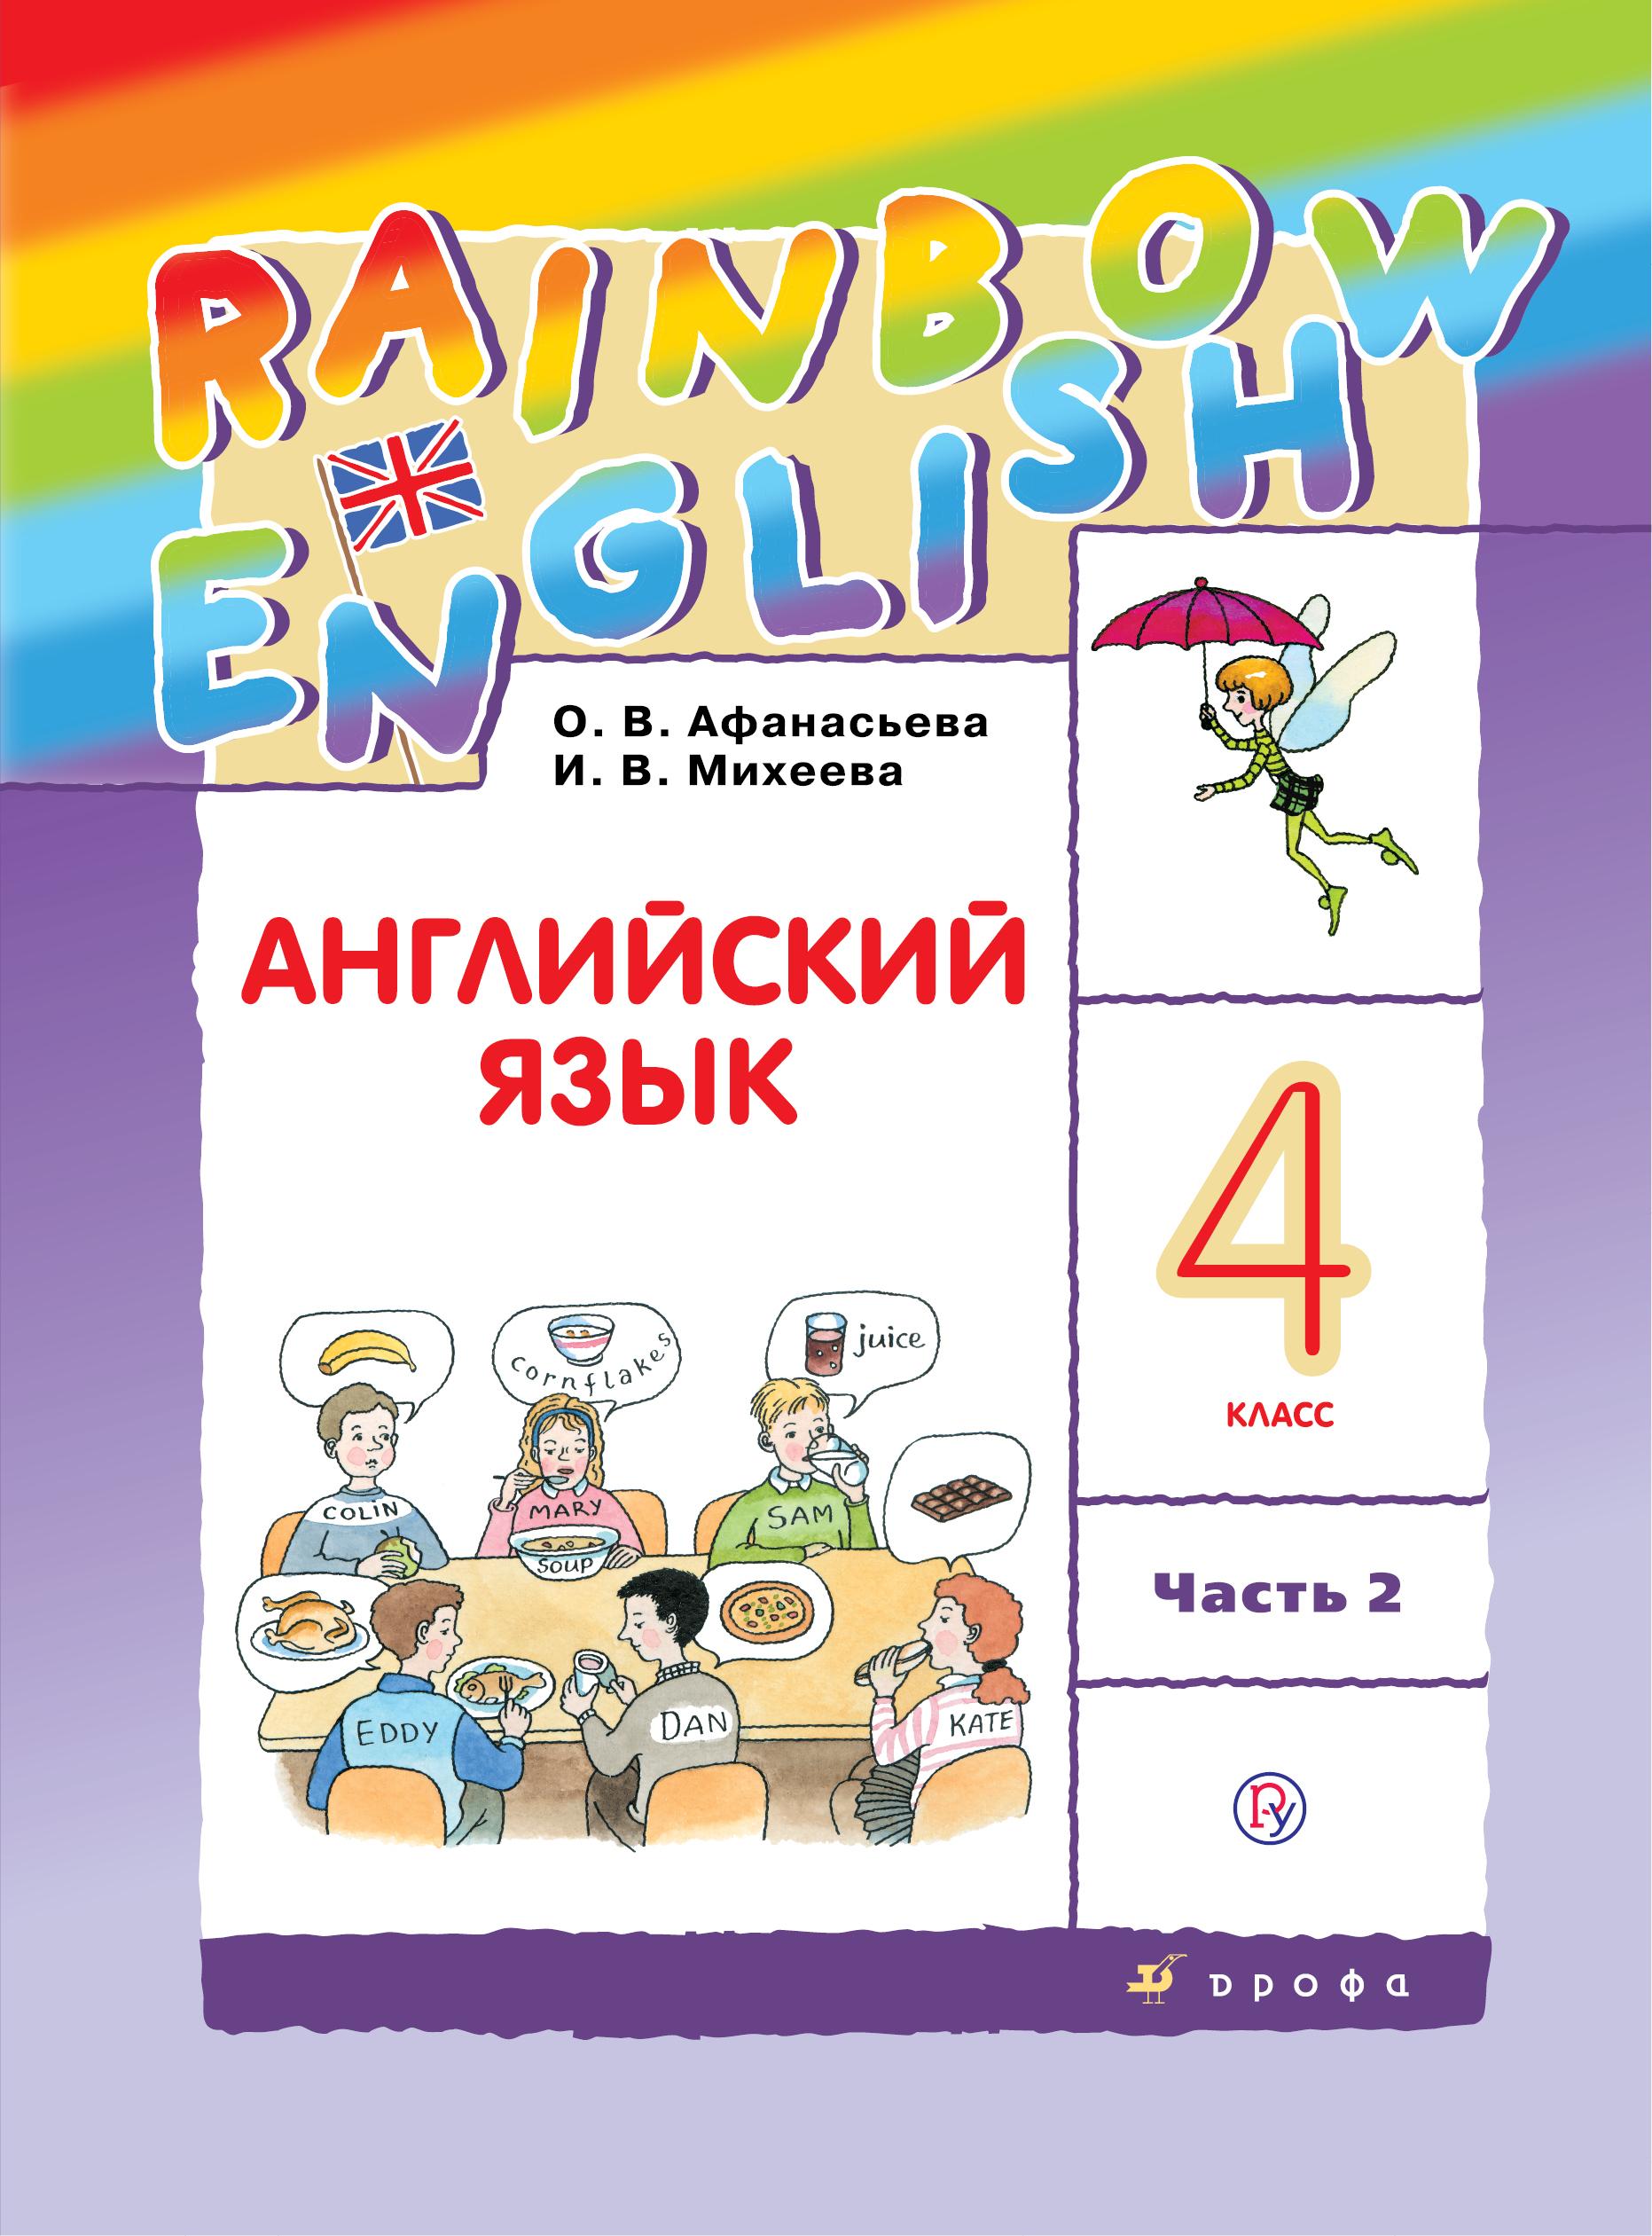 Учебник по английскому языку 4 класс верещагина 1997 г скачать